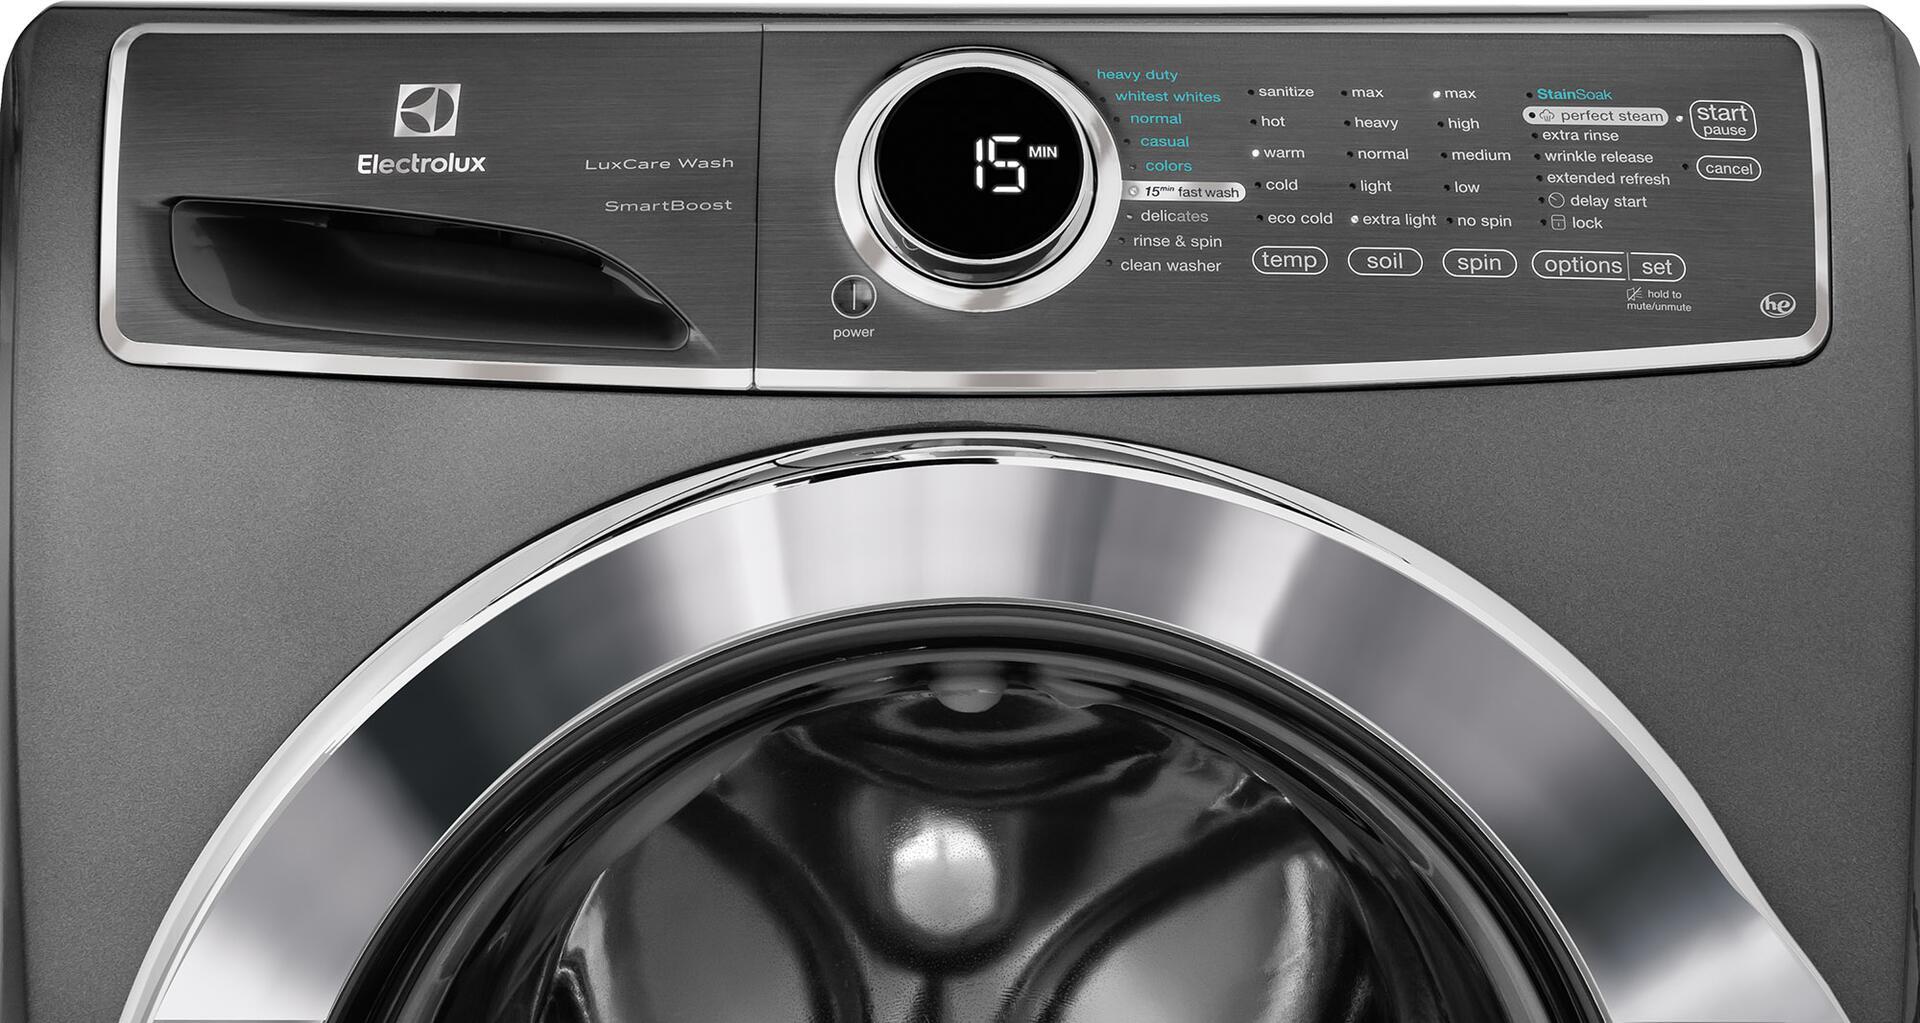 Kết quả hình ảnh cho electrolux washing machine off source